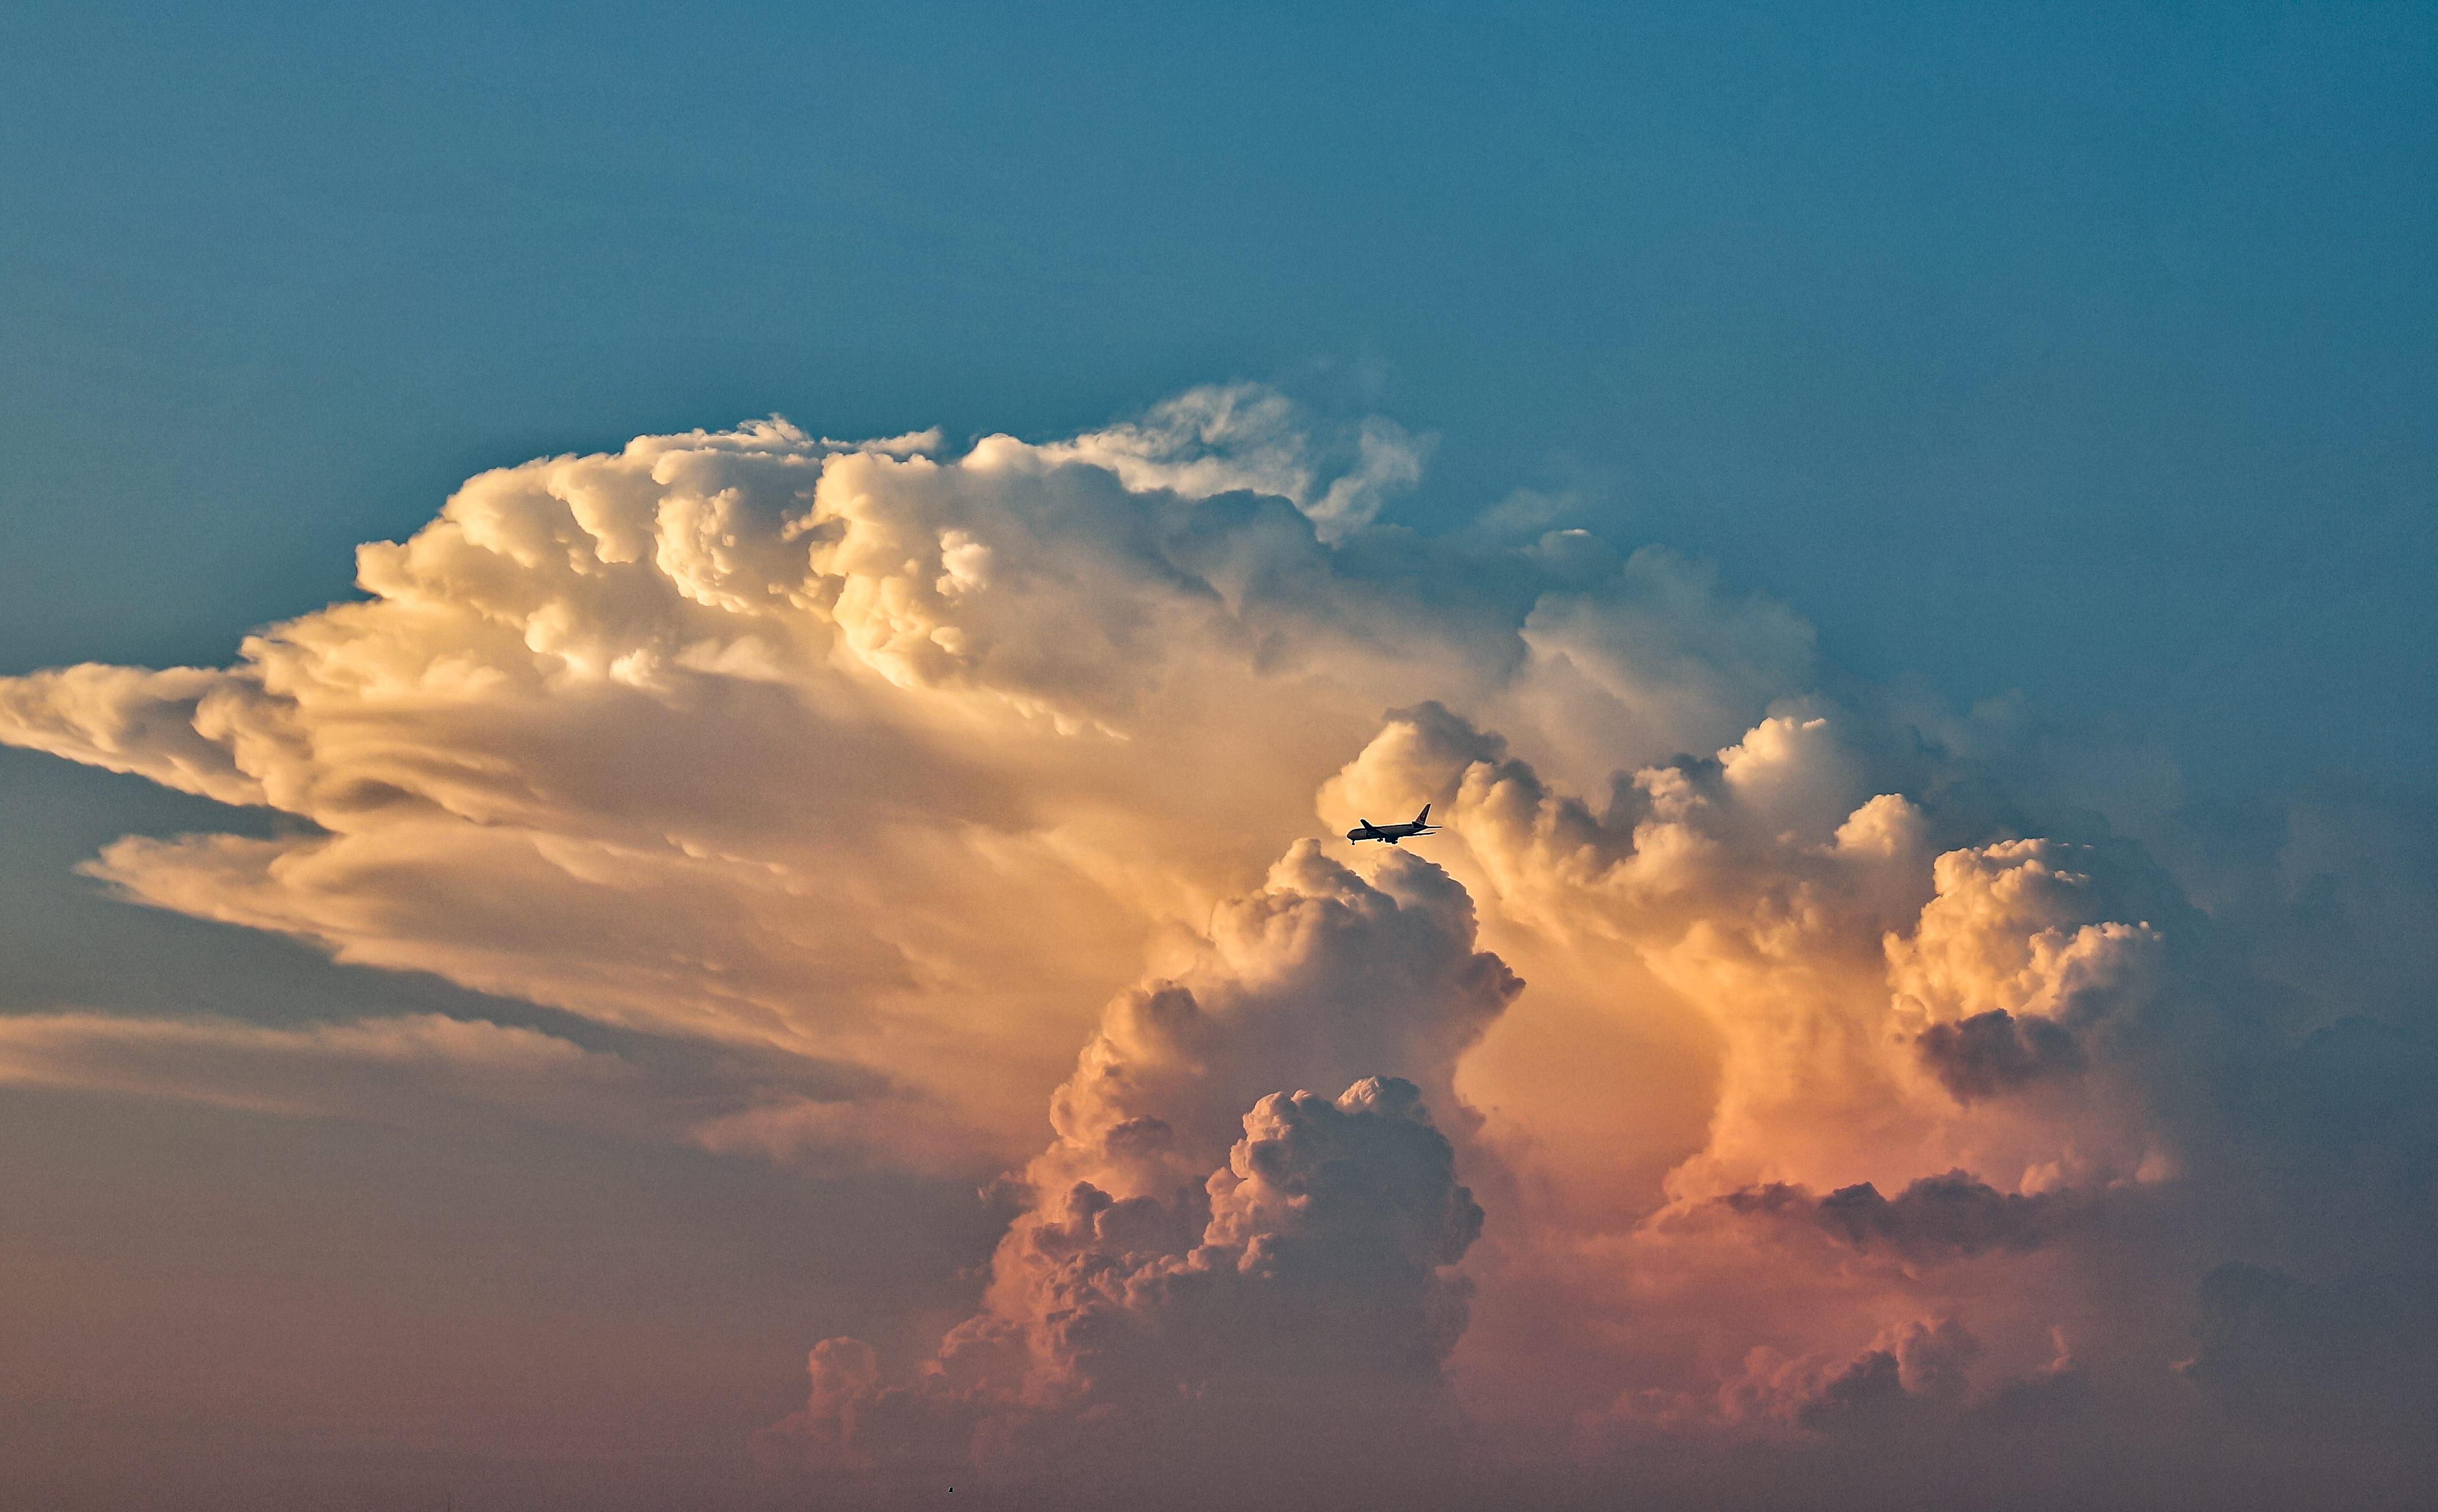 「夕焼けに染まる入道雲と飛行機」の写真